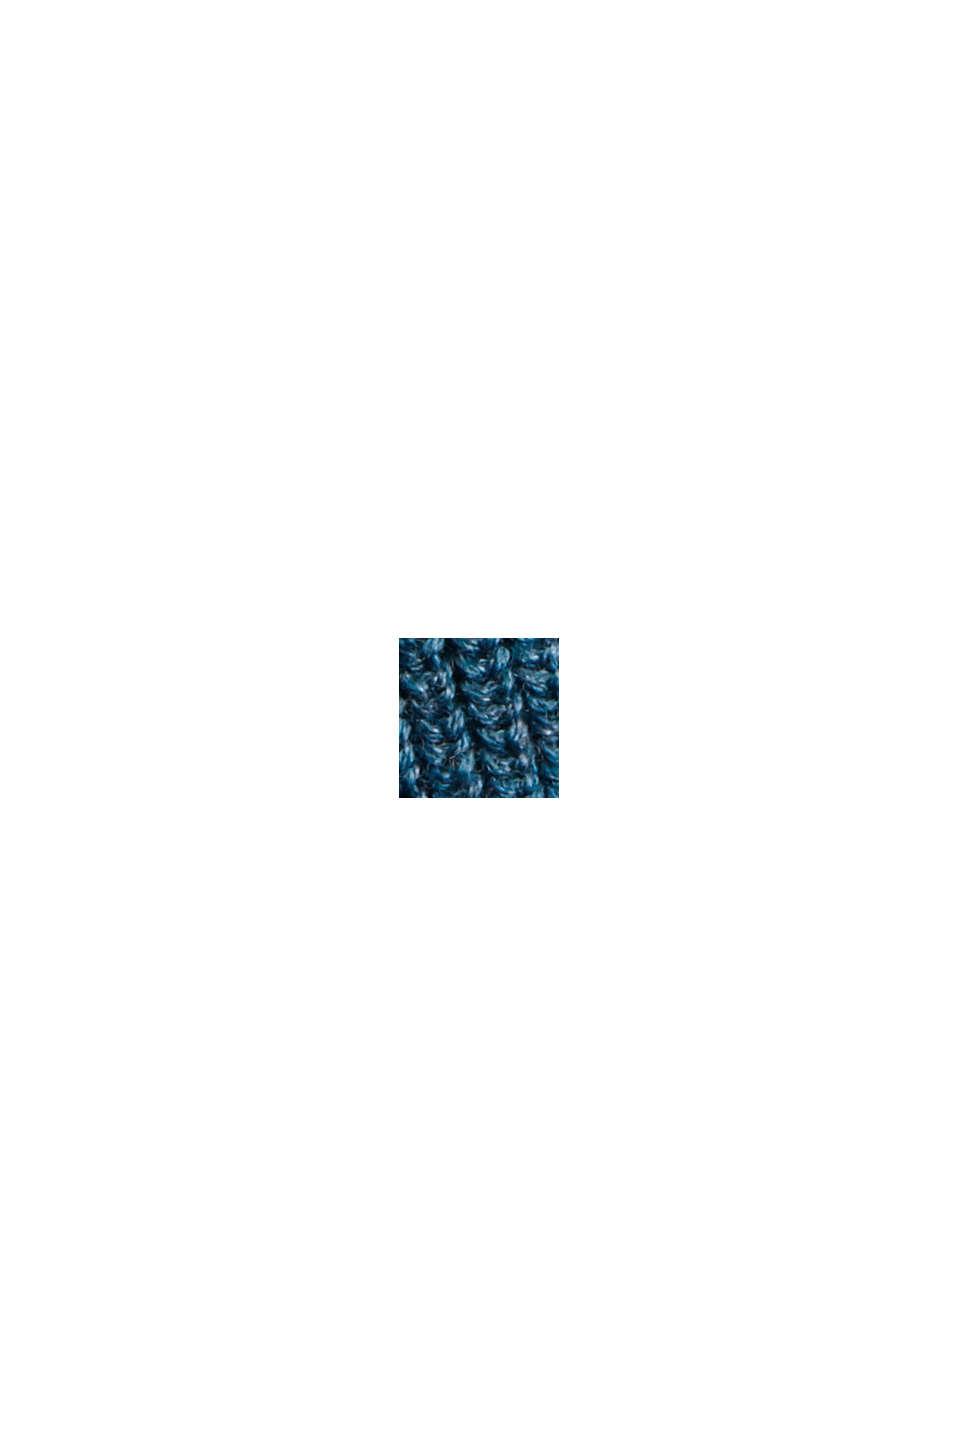 Gestreepte trui van 100% biologisch katoen, NAVY BLUE, swatch